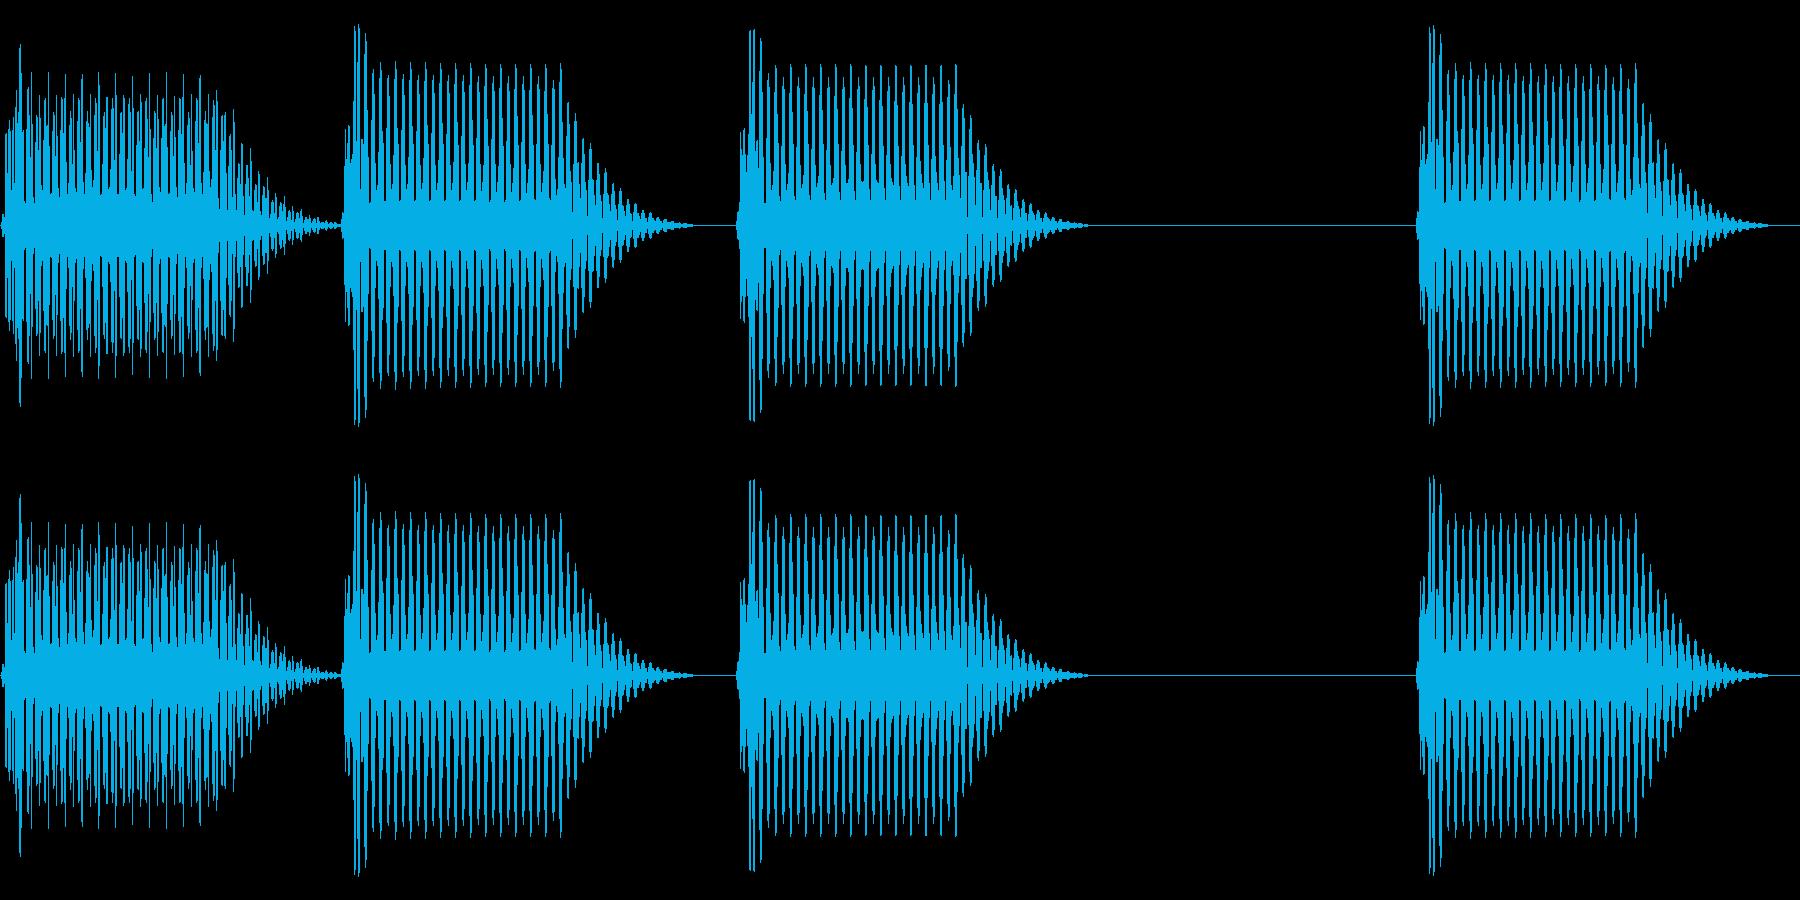 往年のRPG風 セリフ・吹き出し音 7の再生済みの波形